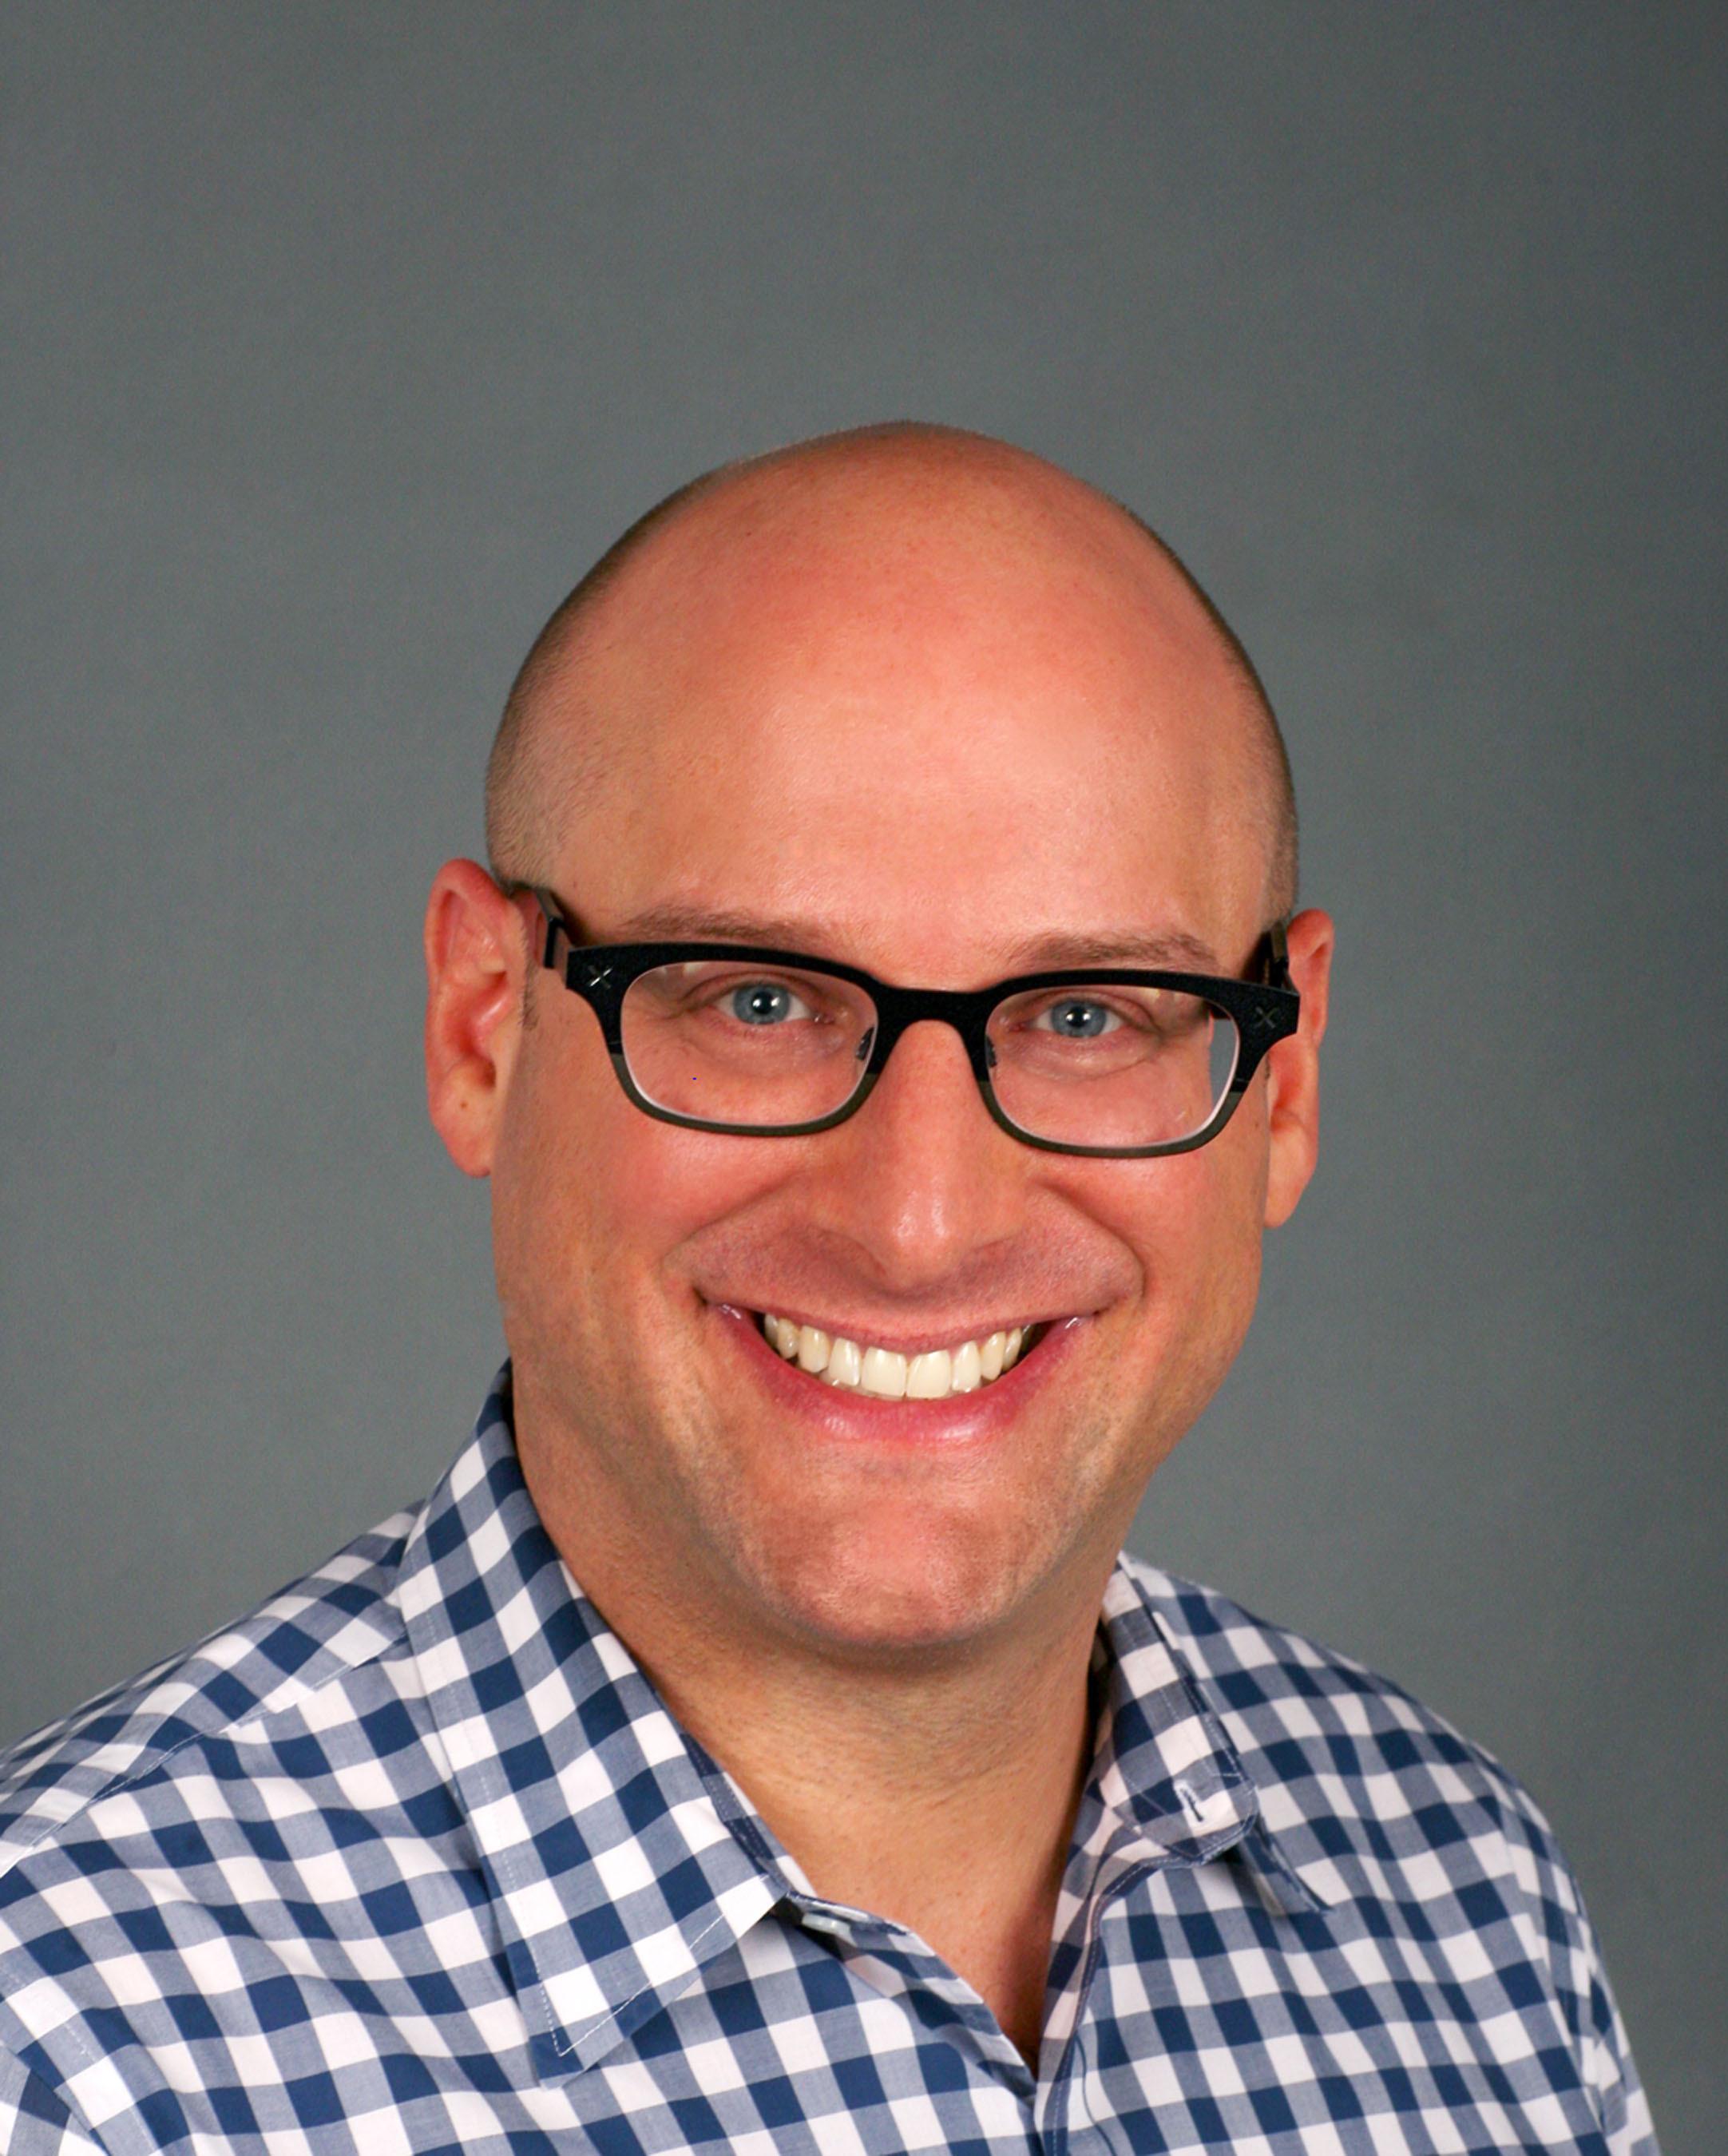 Jason Edelboim, PR Newswire's SVP, Global Media and Distribution. (PRNewsFoto/PR Newswire Association LLC)